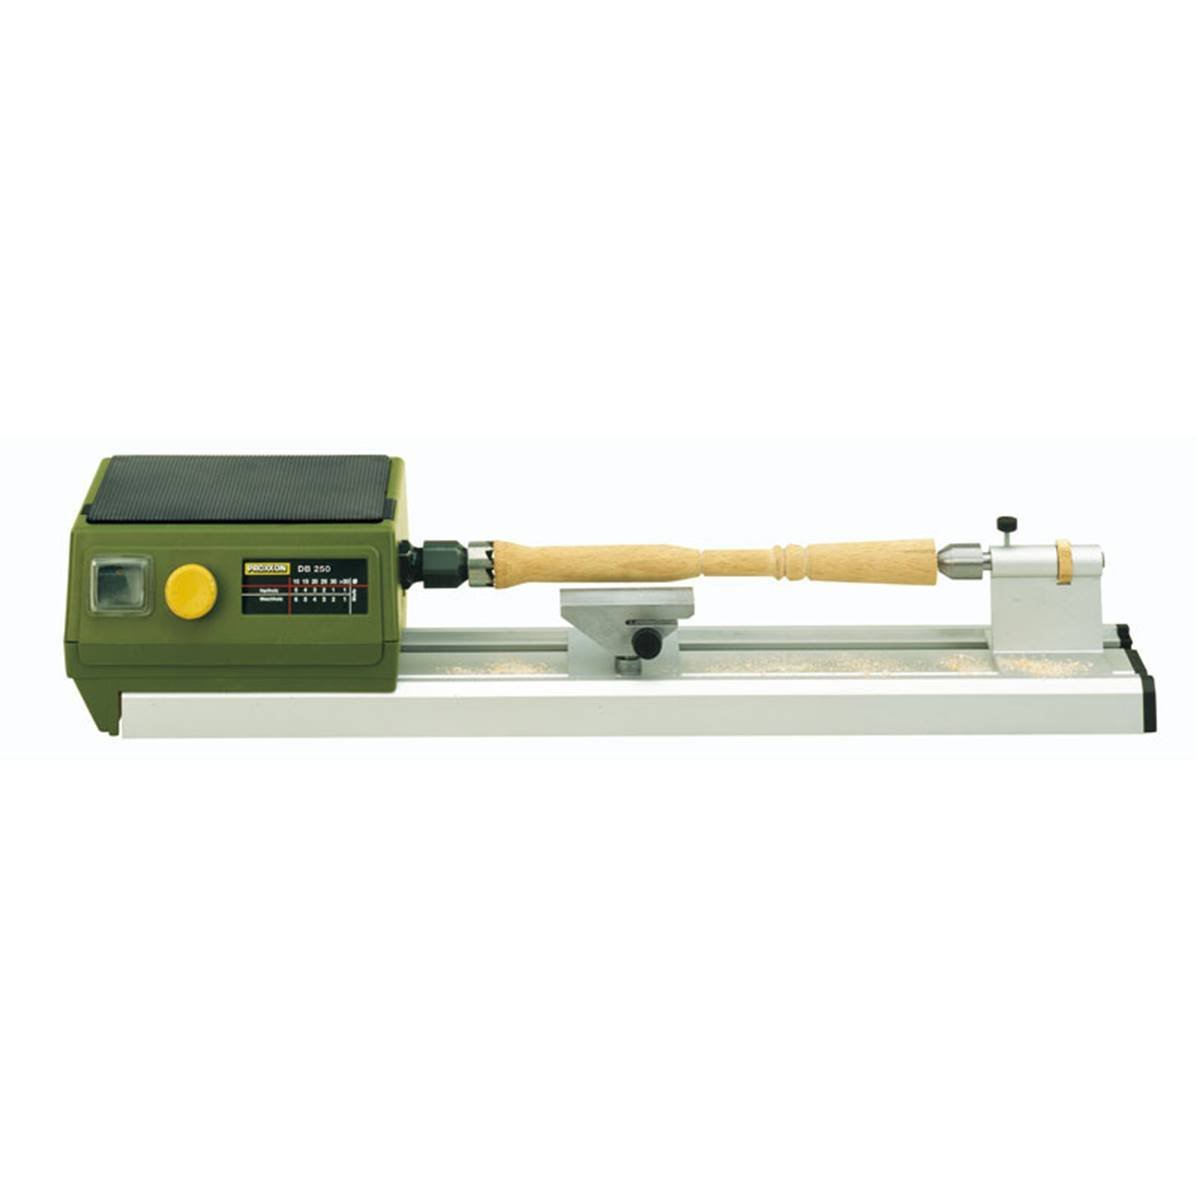 Proxxon DB 250 - Micro-tour à bois entrepointe 250 mm